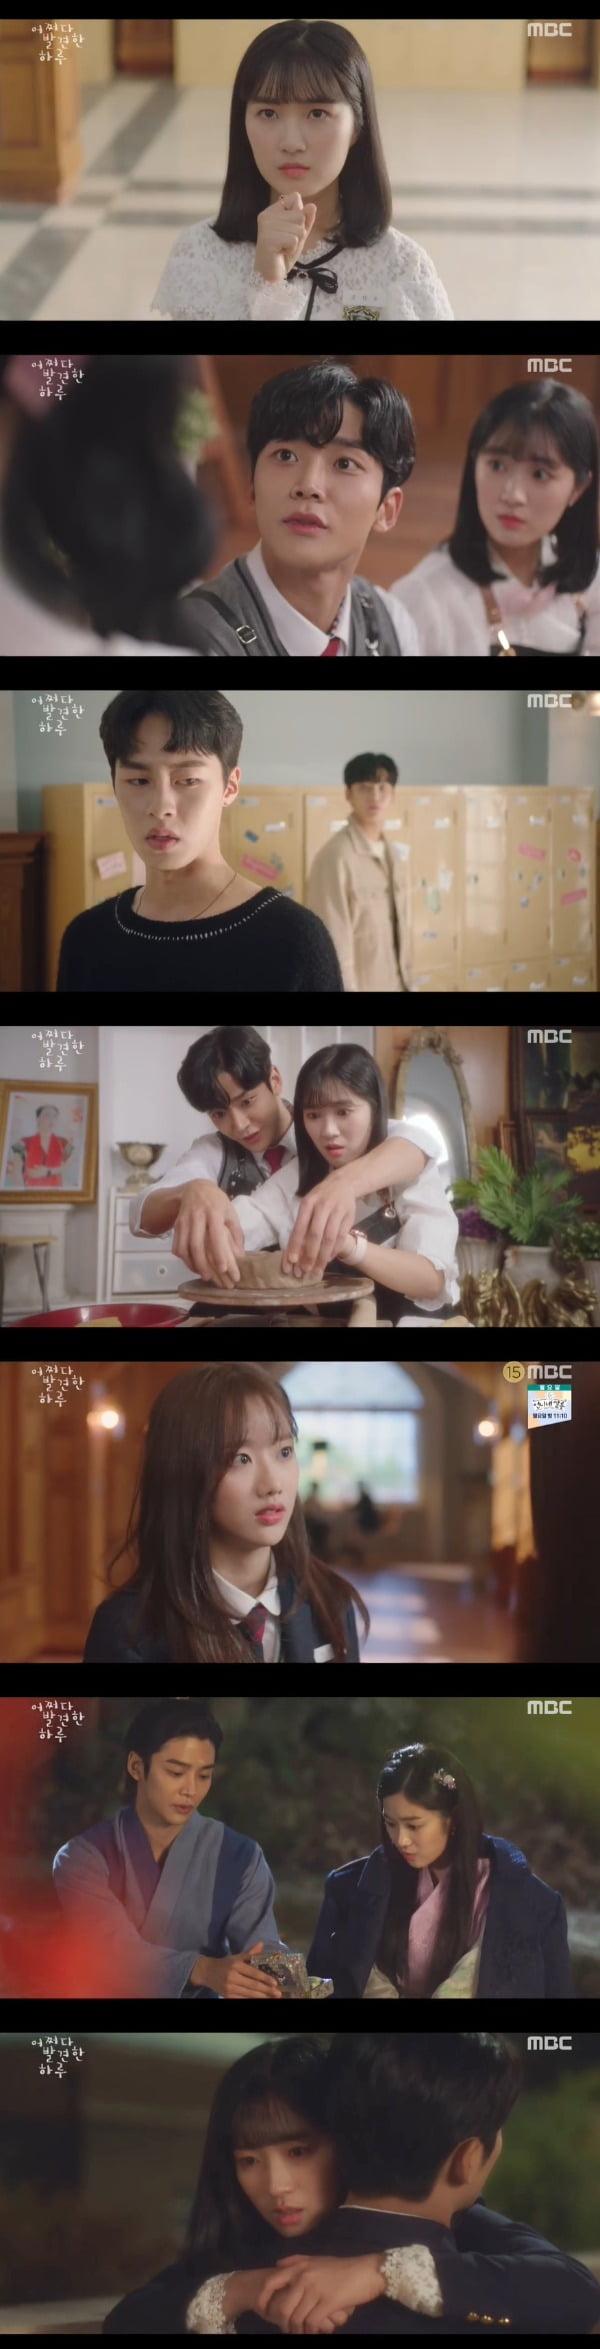 '어하루' 로운 /사진=MBC 수목드라마 '어쩌다 발견한 하루' 영상 캡처